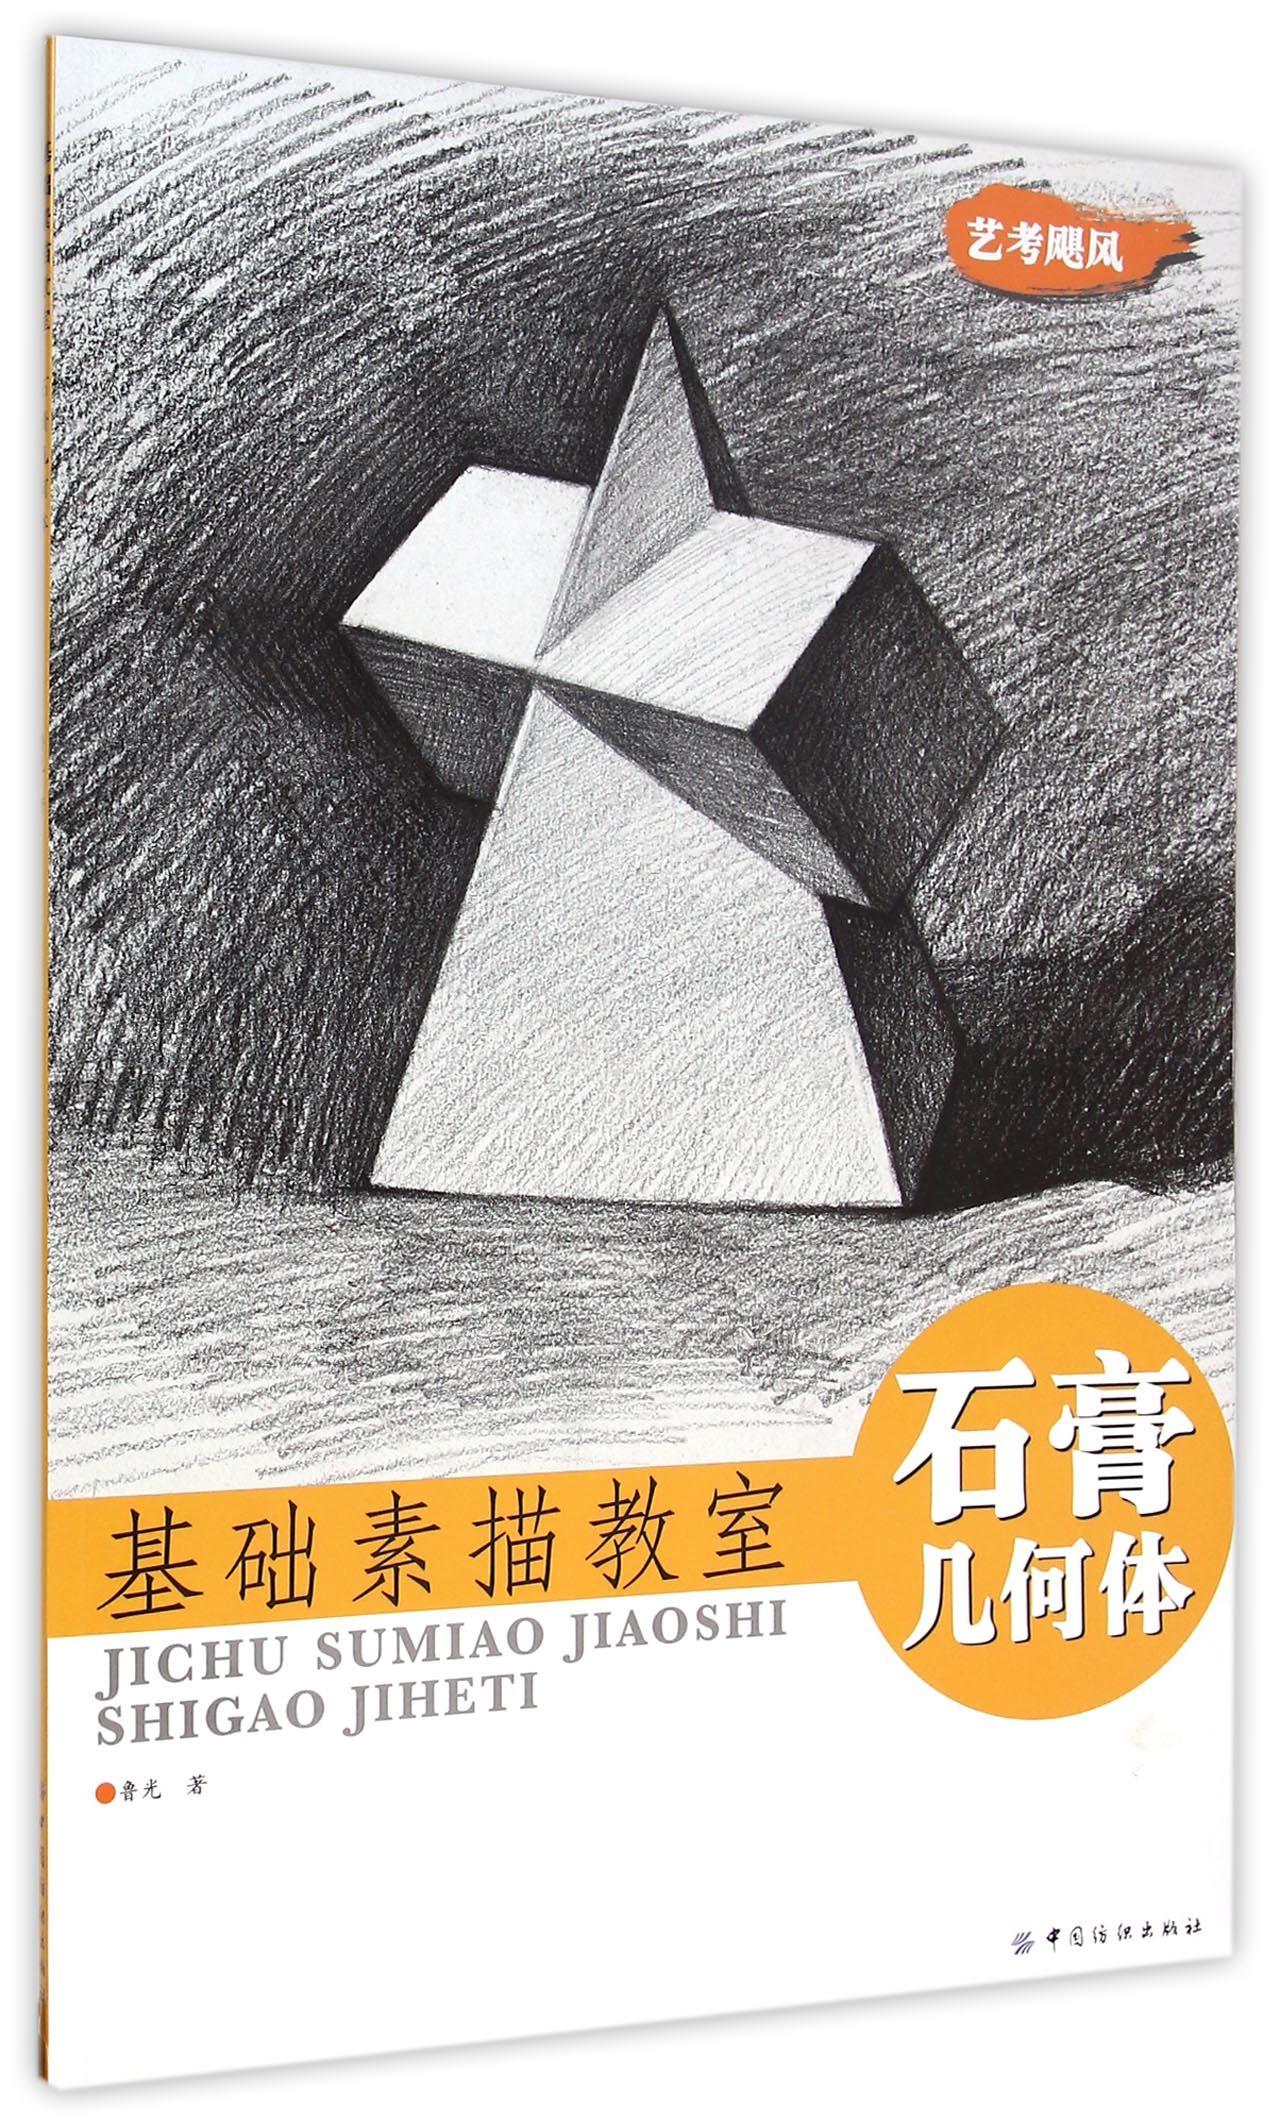 石膏几何体(基础素描教室)